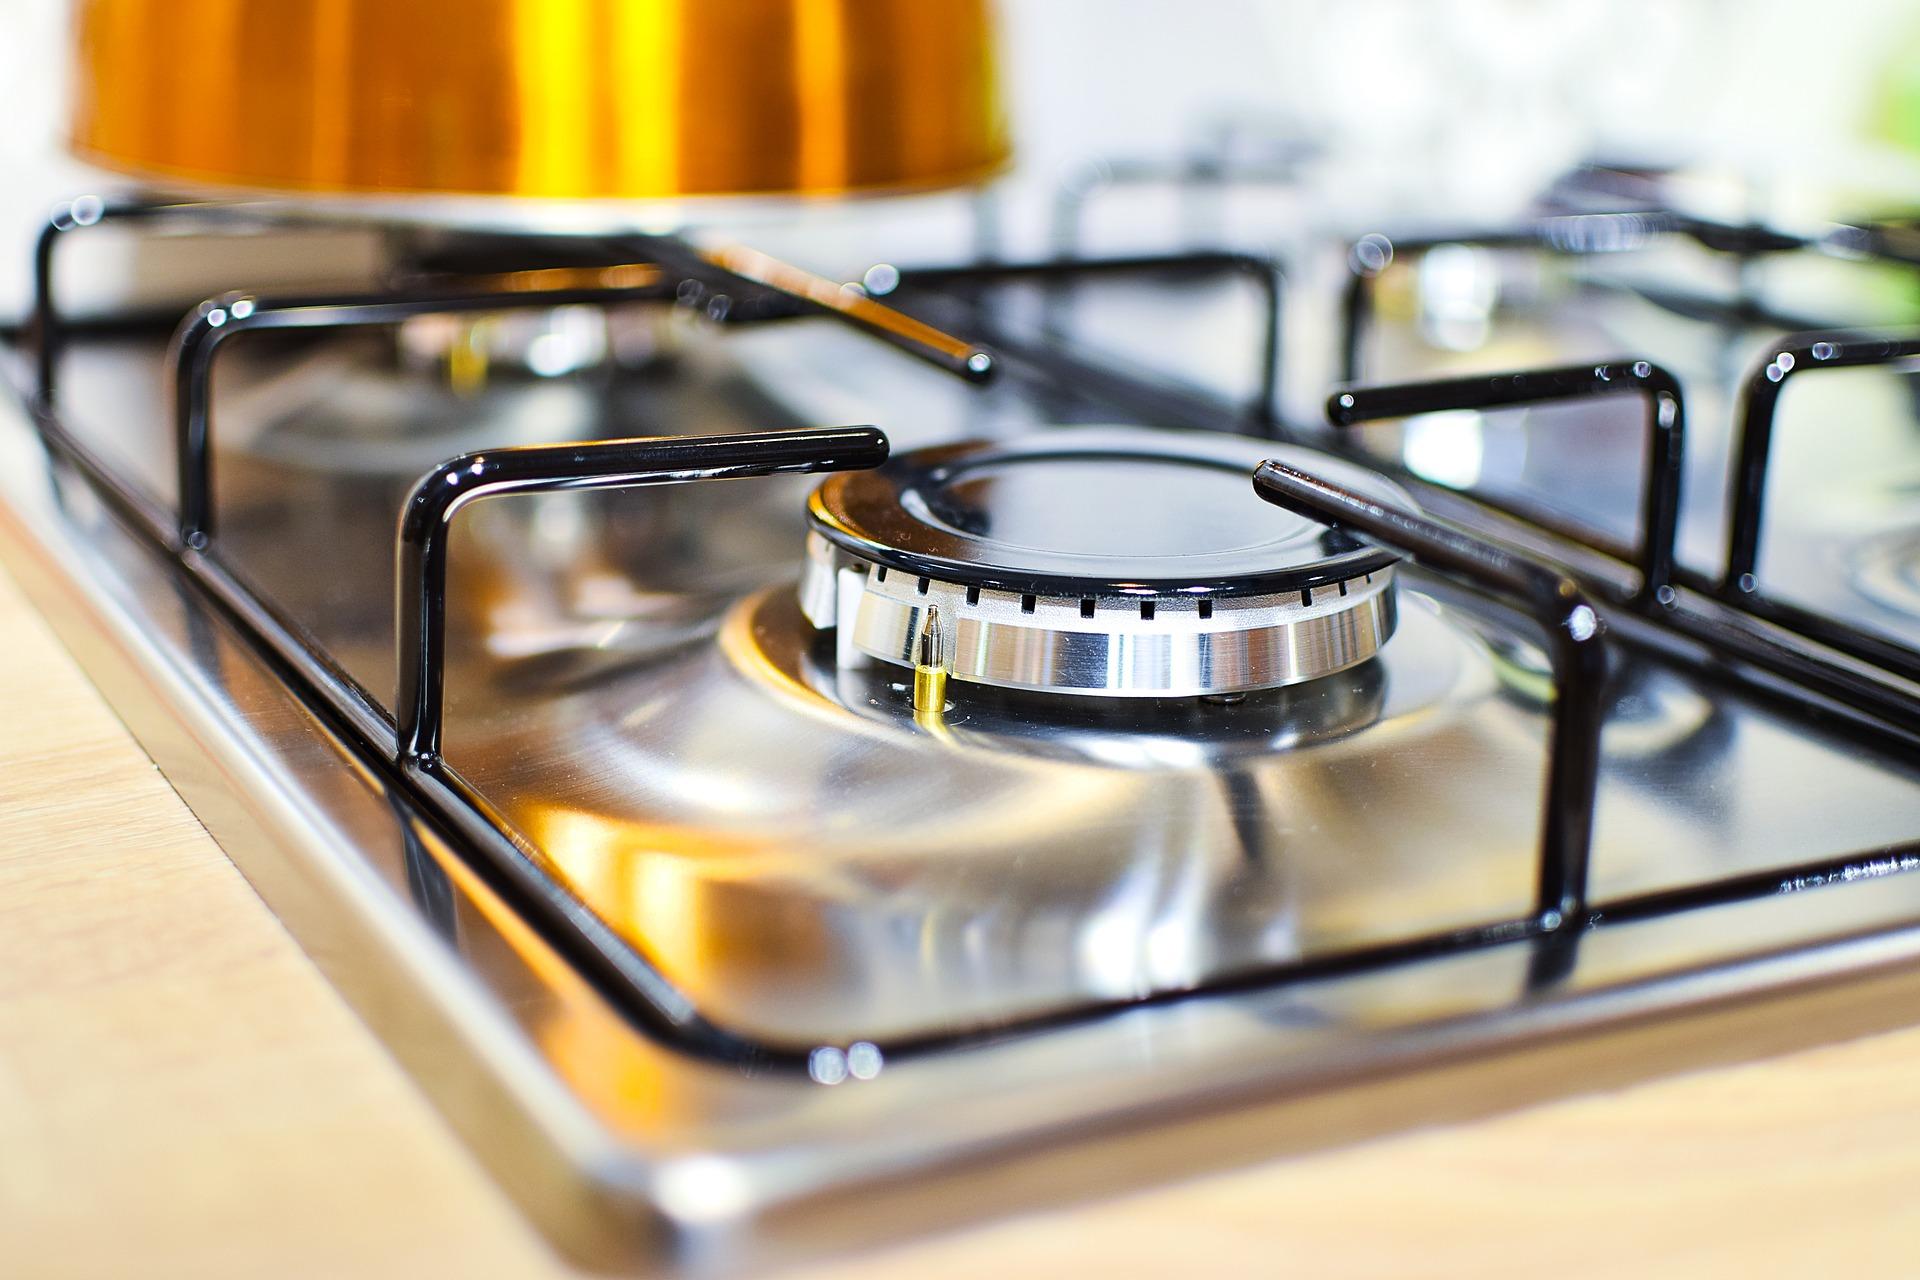 Cofece inicia jucio contra empresas de gas LP por prácticas monopólicas